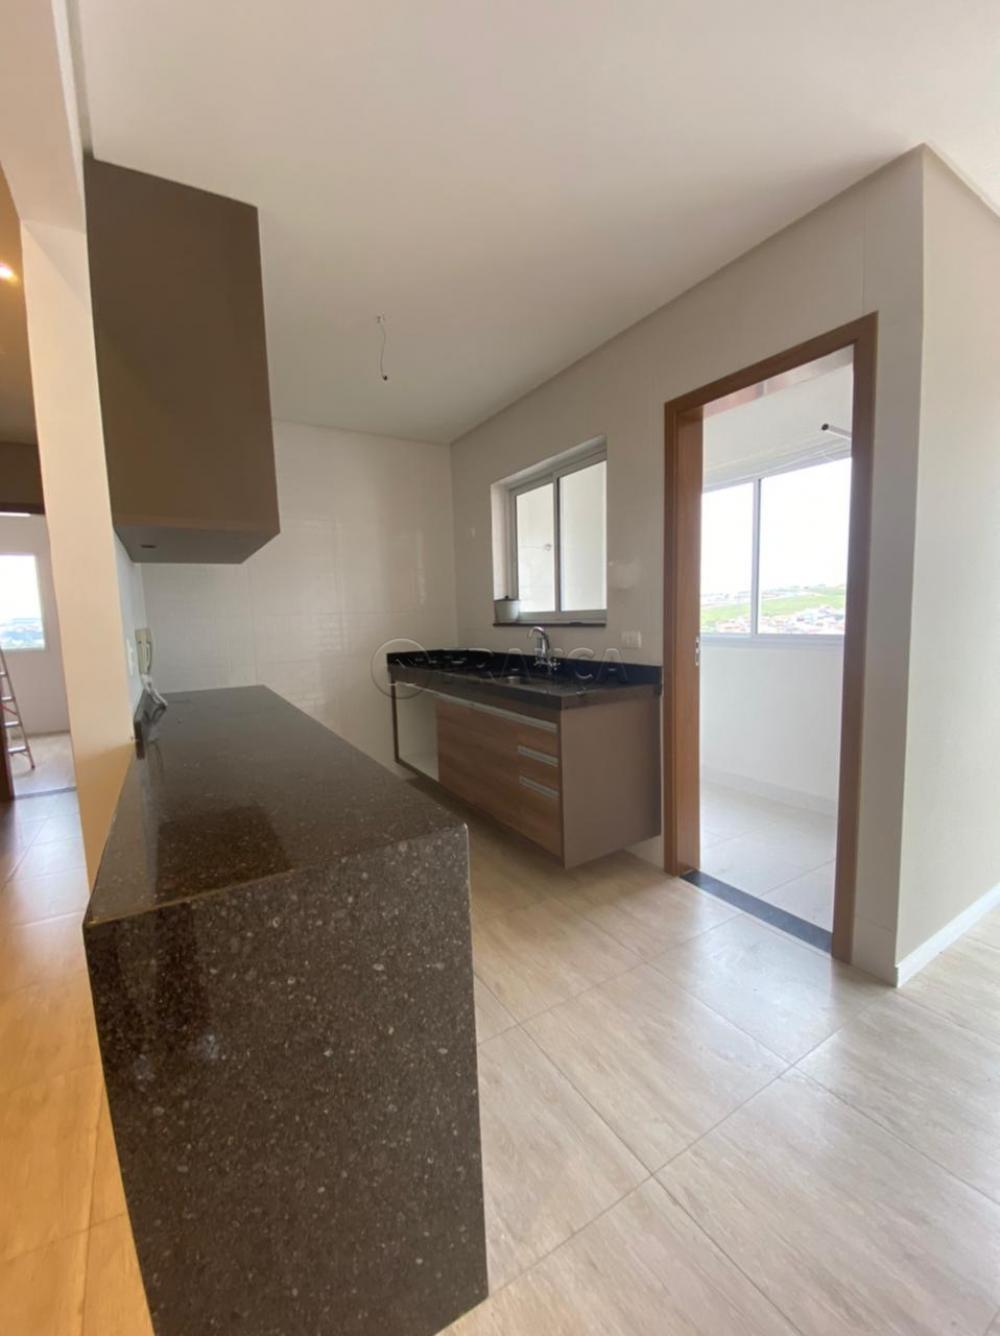 Alugar Apartamento / Padrão em Jacareí R$ 1.300,00 - Foto 10